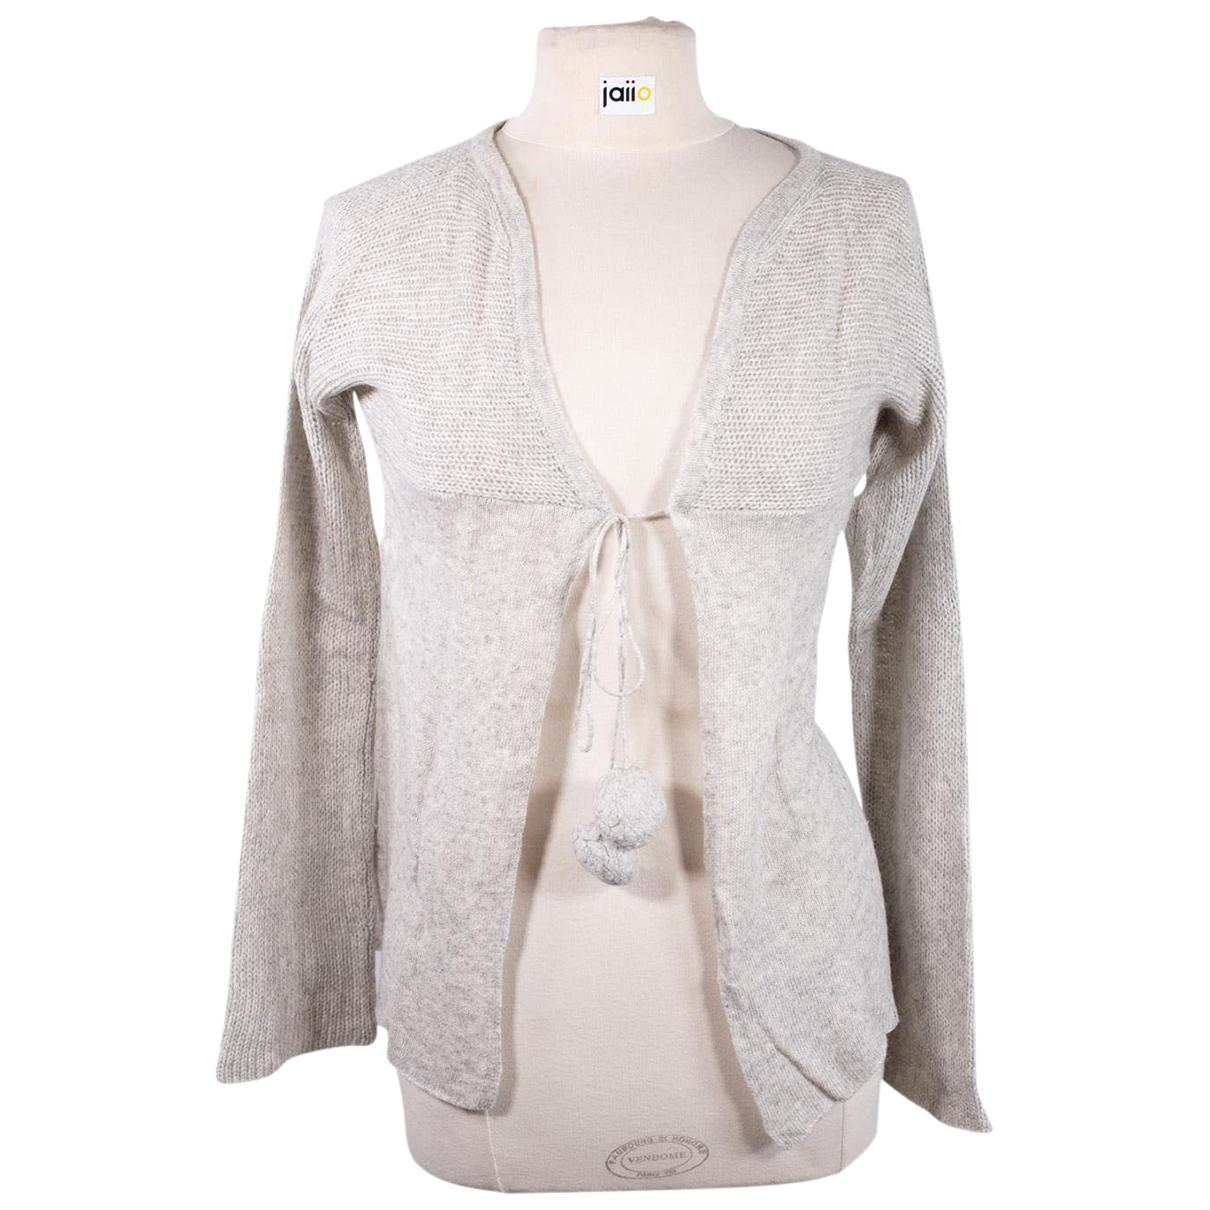 Paul & Joe - Pull   pour femme en laine - gris